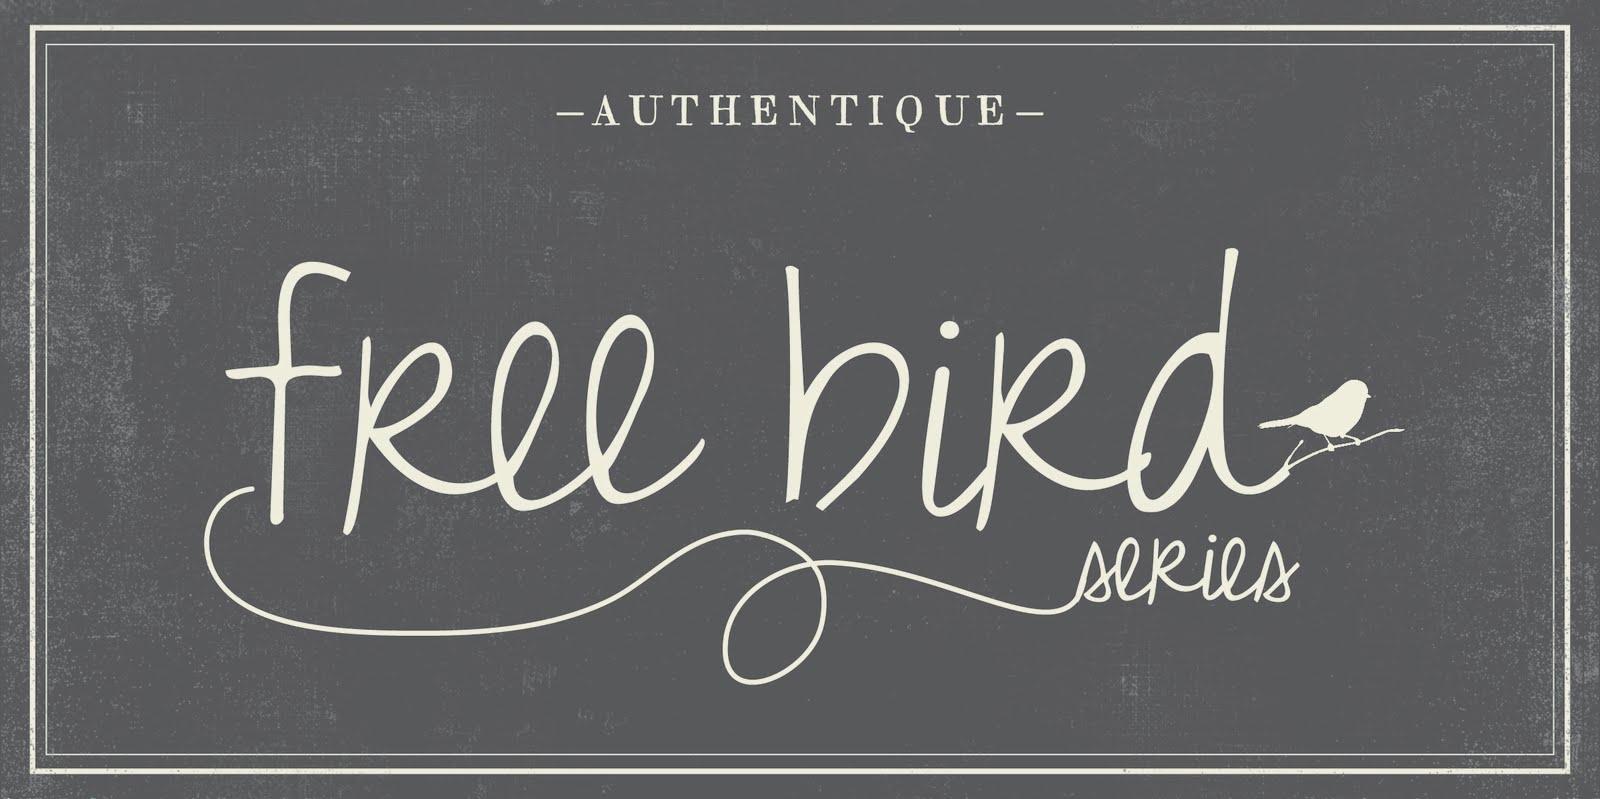 http://2.bp.blogspot.com/--0umbkFZSWc/TlPbmn9eP2I/AAAAAAAAAAg/nQUB4NfdE-0/s1600/FreeBird_logo_FB.jpg